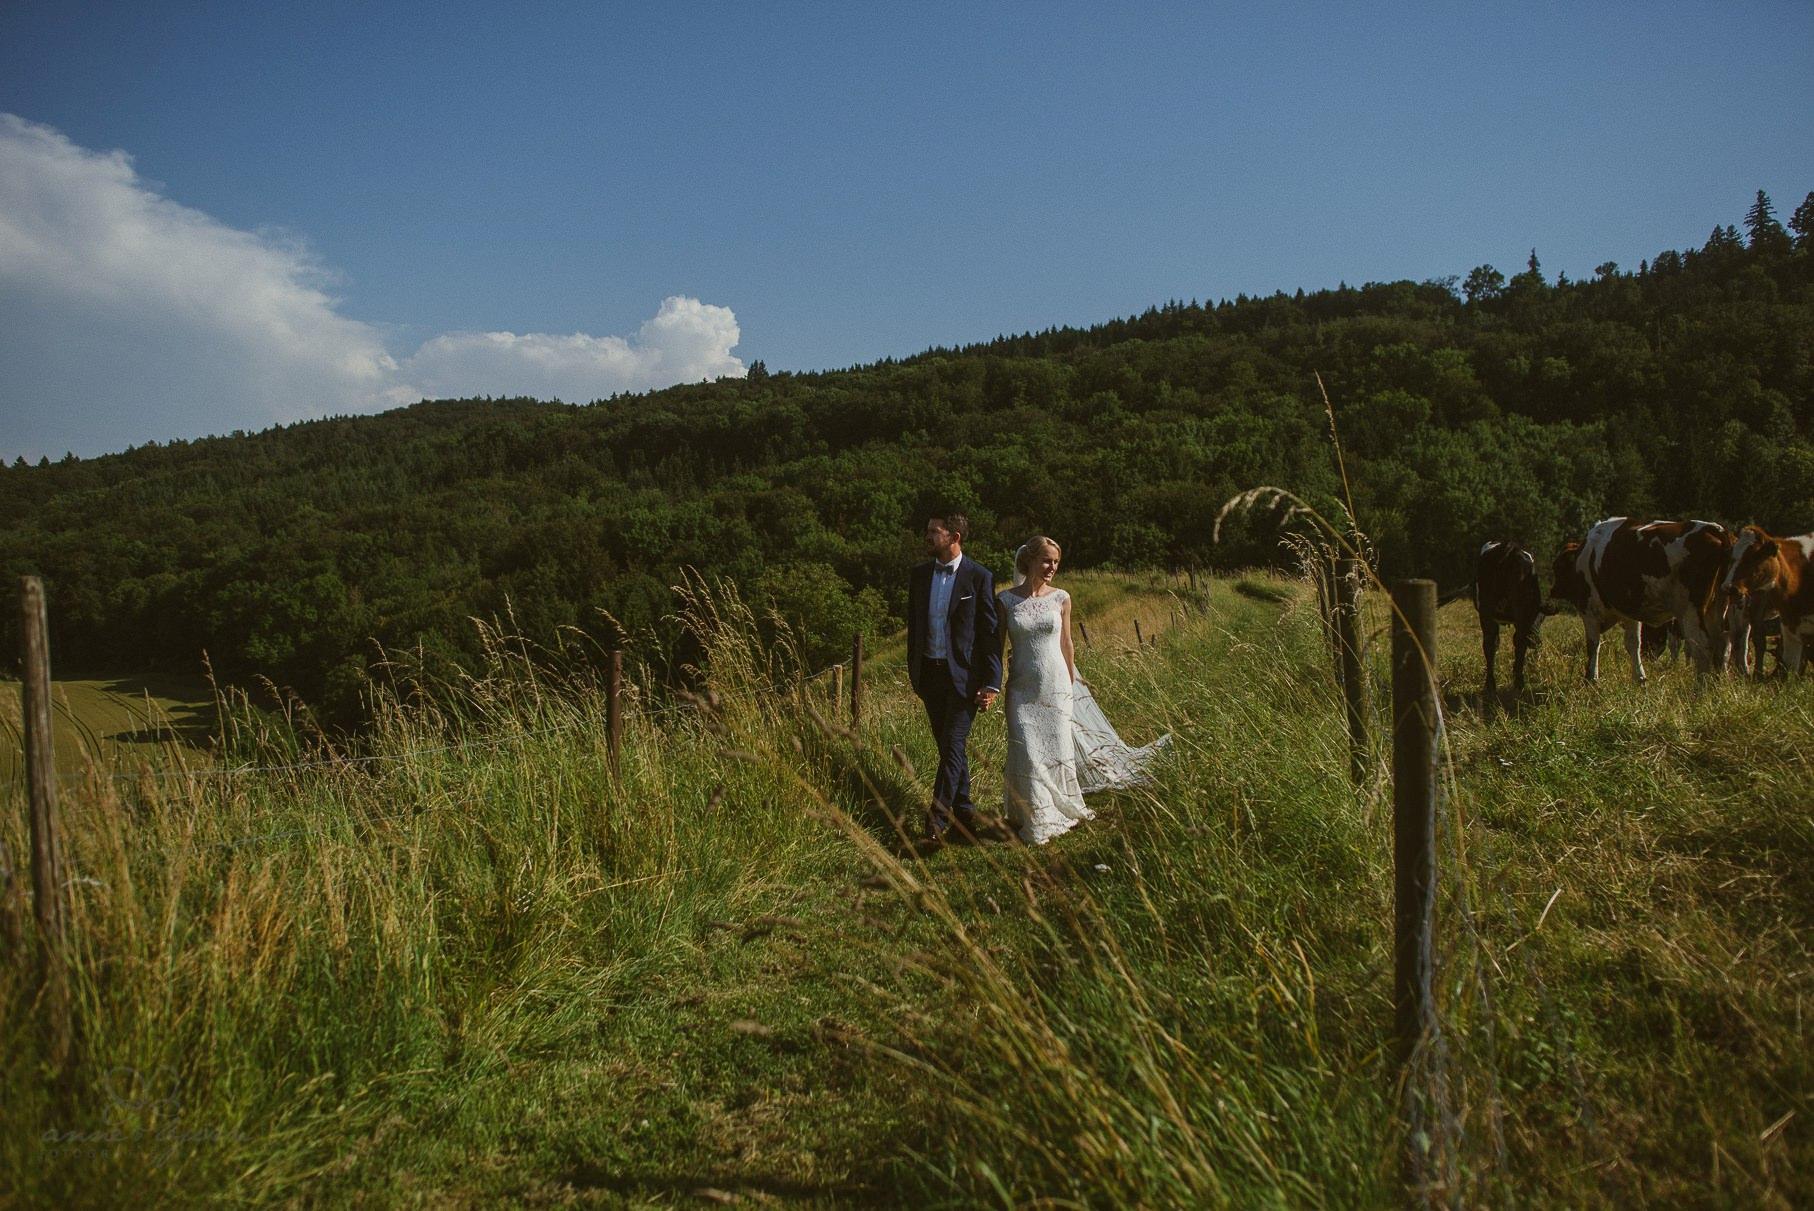 0093 anne und bjoern hochzeit schweiz d75 1299 - DIY Hochzeit in der Schweiz - Sabrina & Christoph